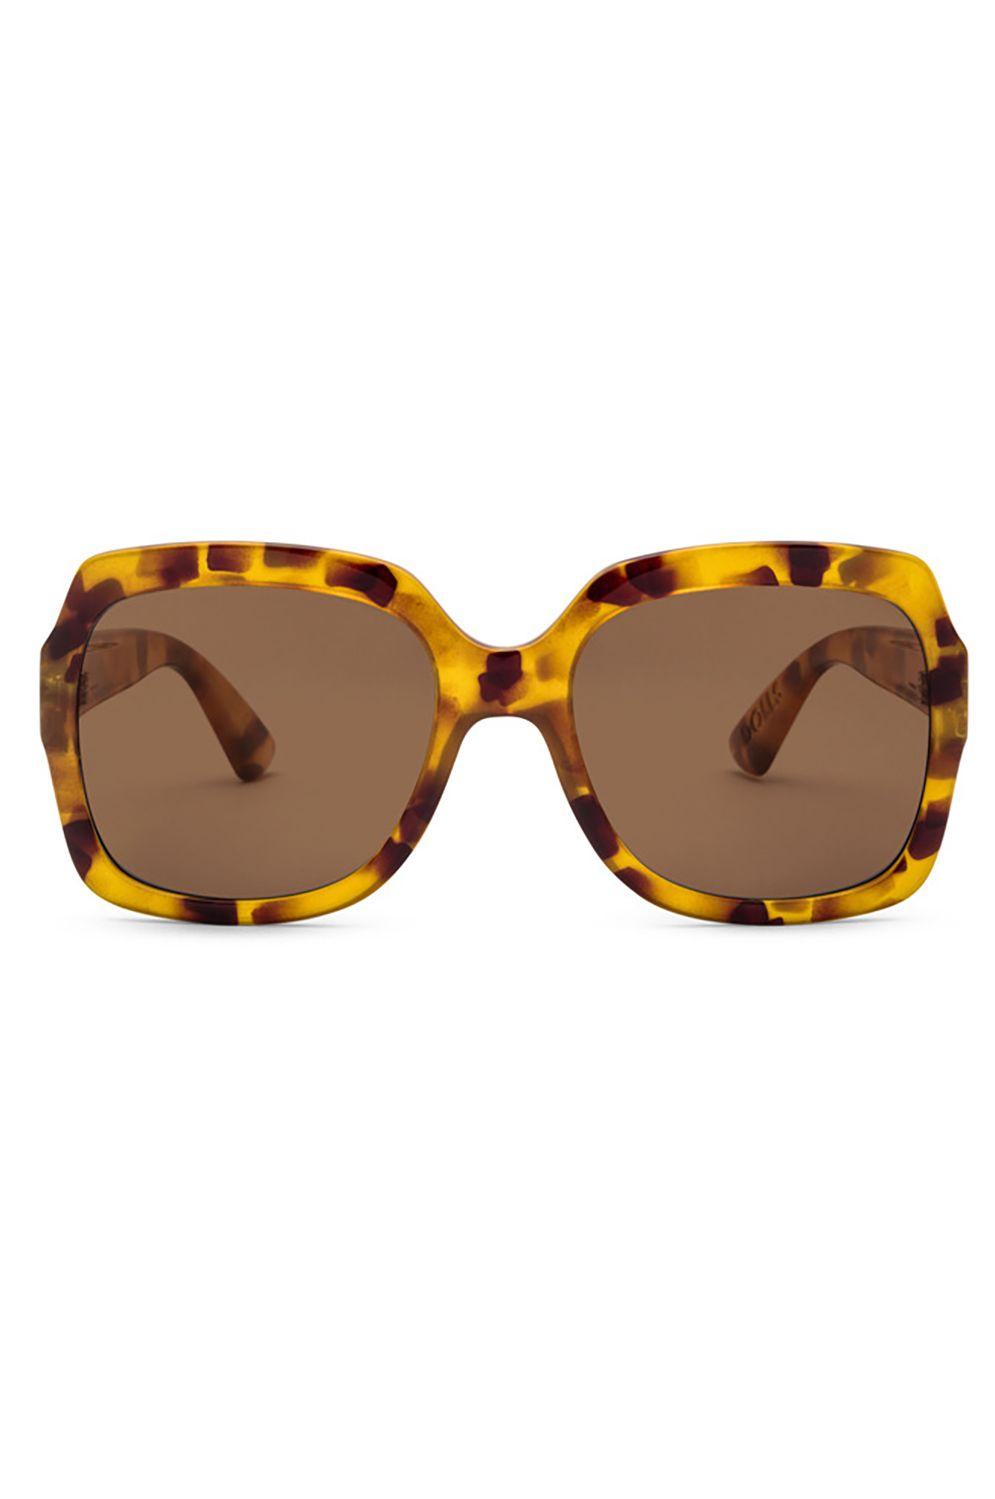 VonZipper Sunglasses DOLLS Spotted Tort - Gloss / Bronze